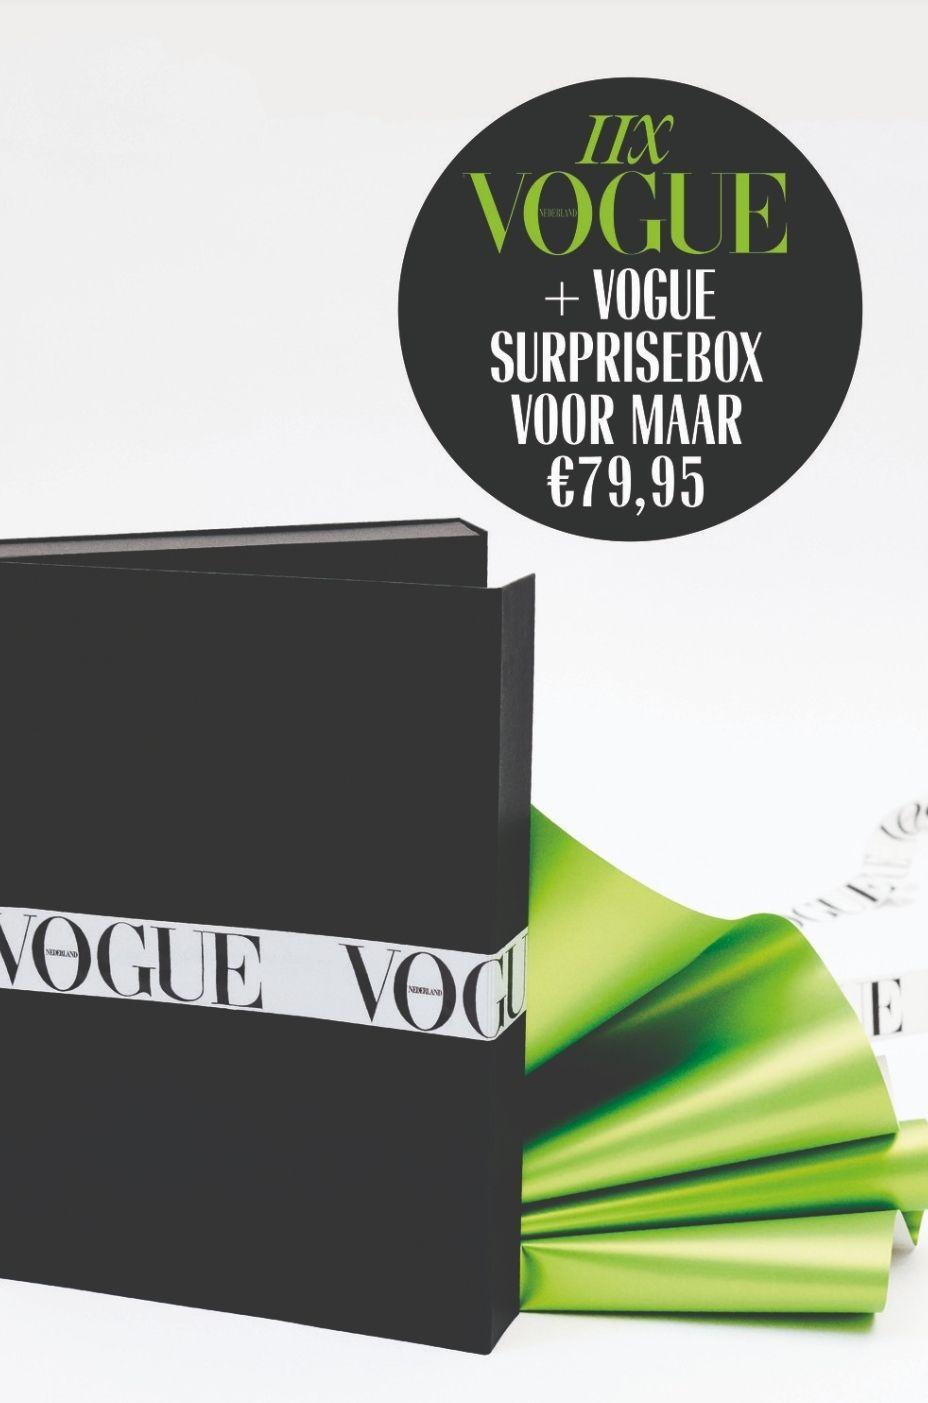 11x Vogue + Vogue surprisebox voor €79,95